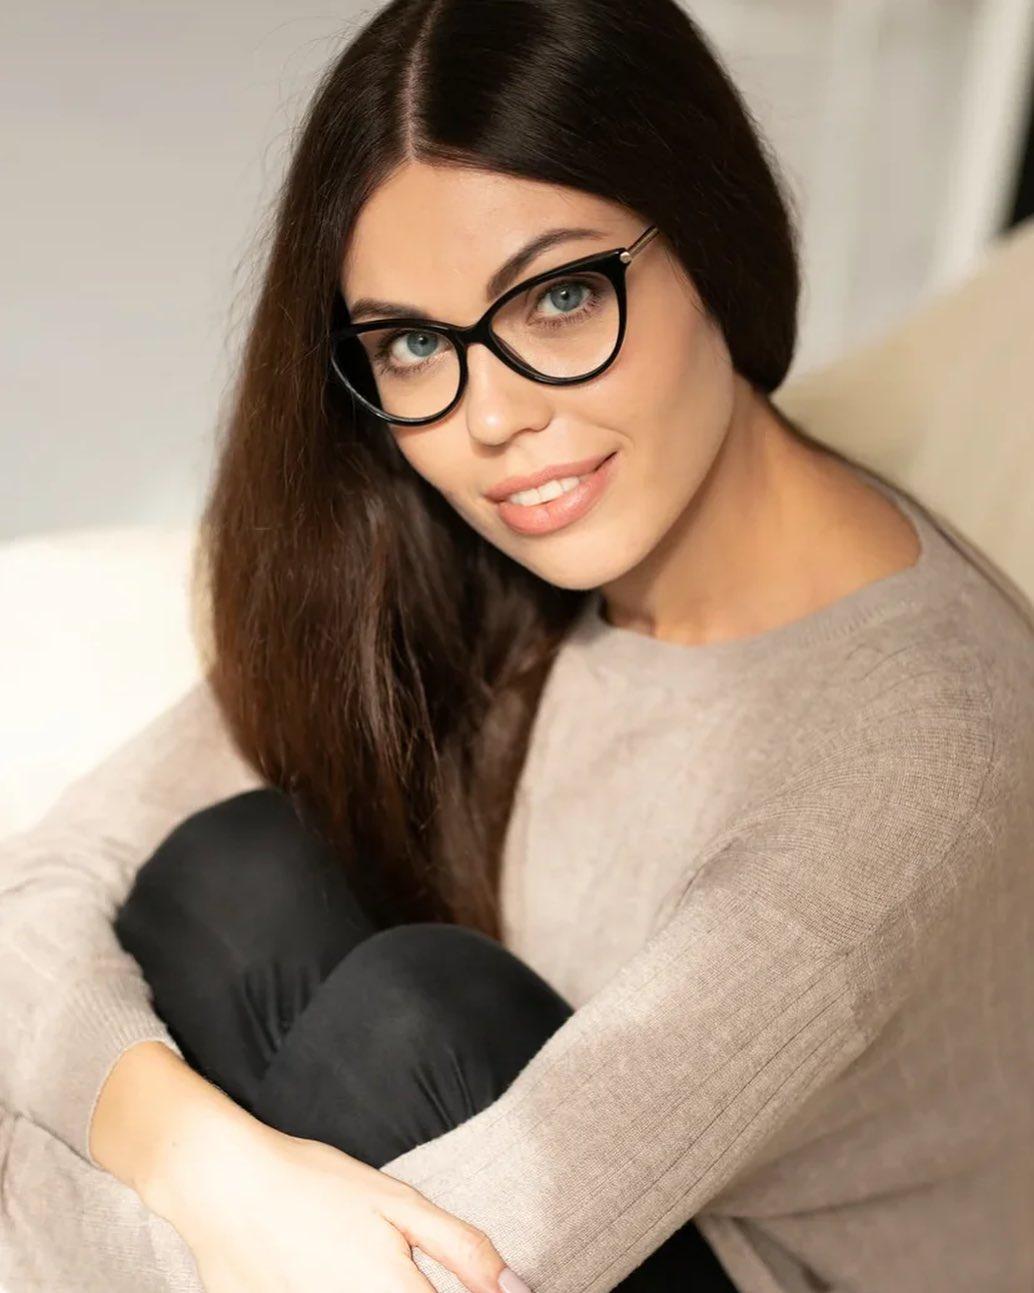 ТОНКИЕ И ЛЁГКИЕ ЛИНЗЫ ⠀ Как же хочется носить стильные и  удобные очки, но не м...